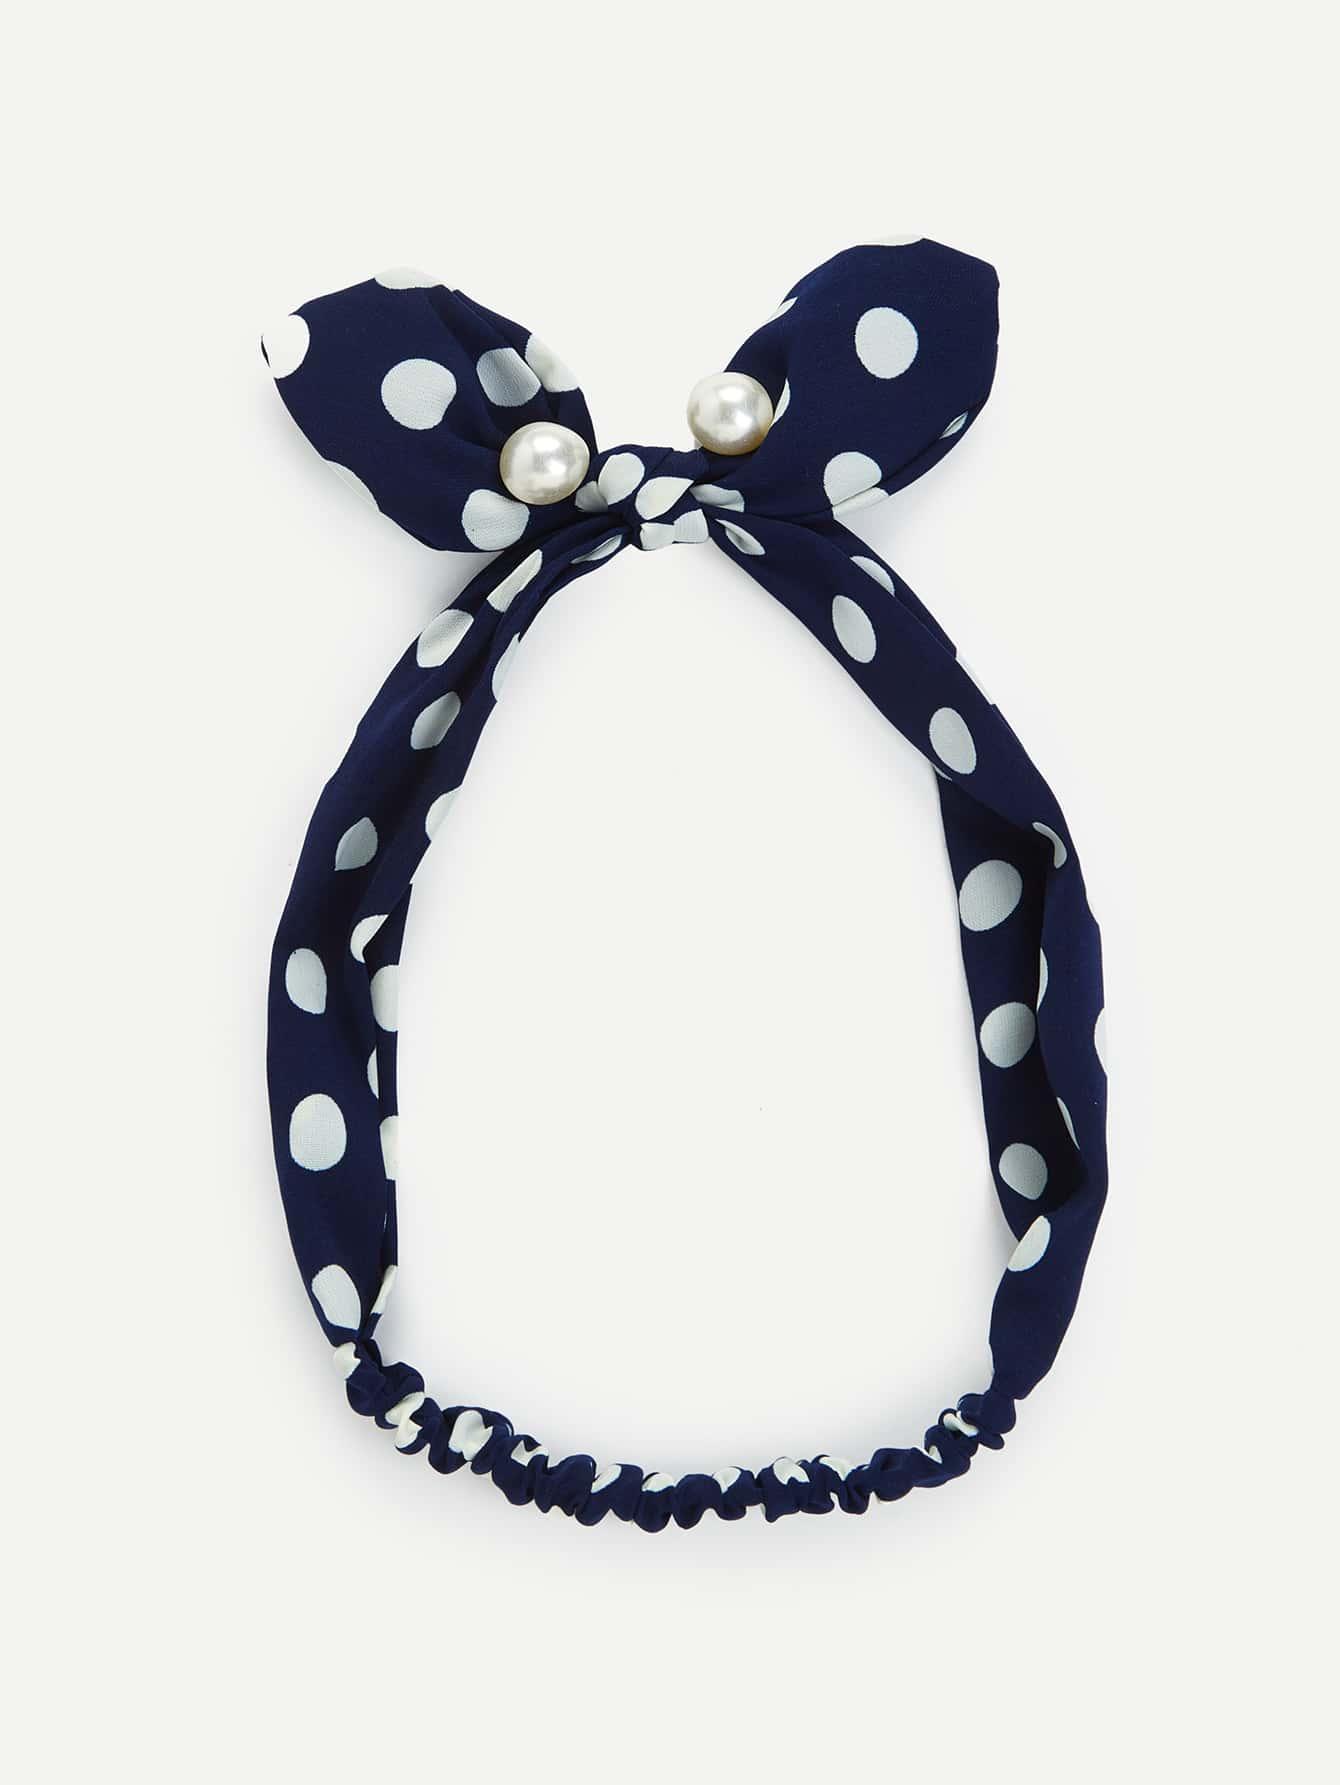 Faux Pearl Bow Knot Polka Dot Headband